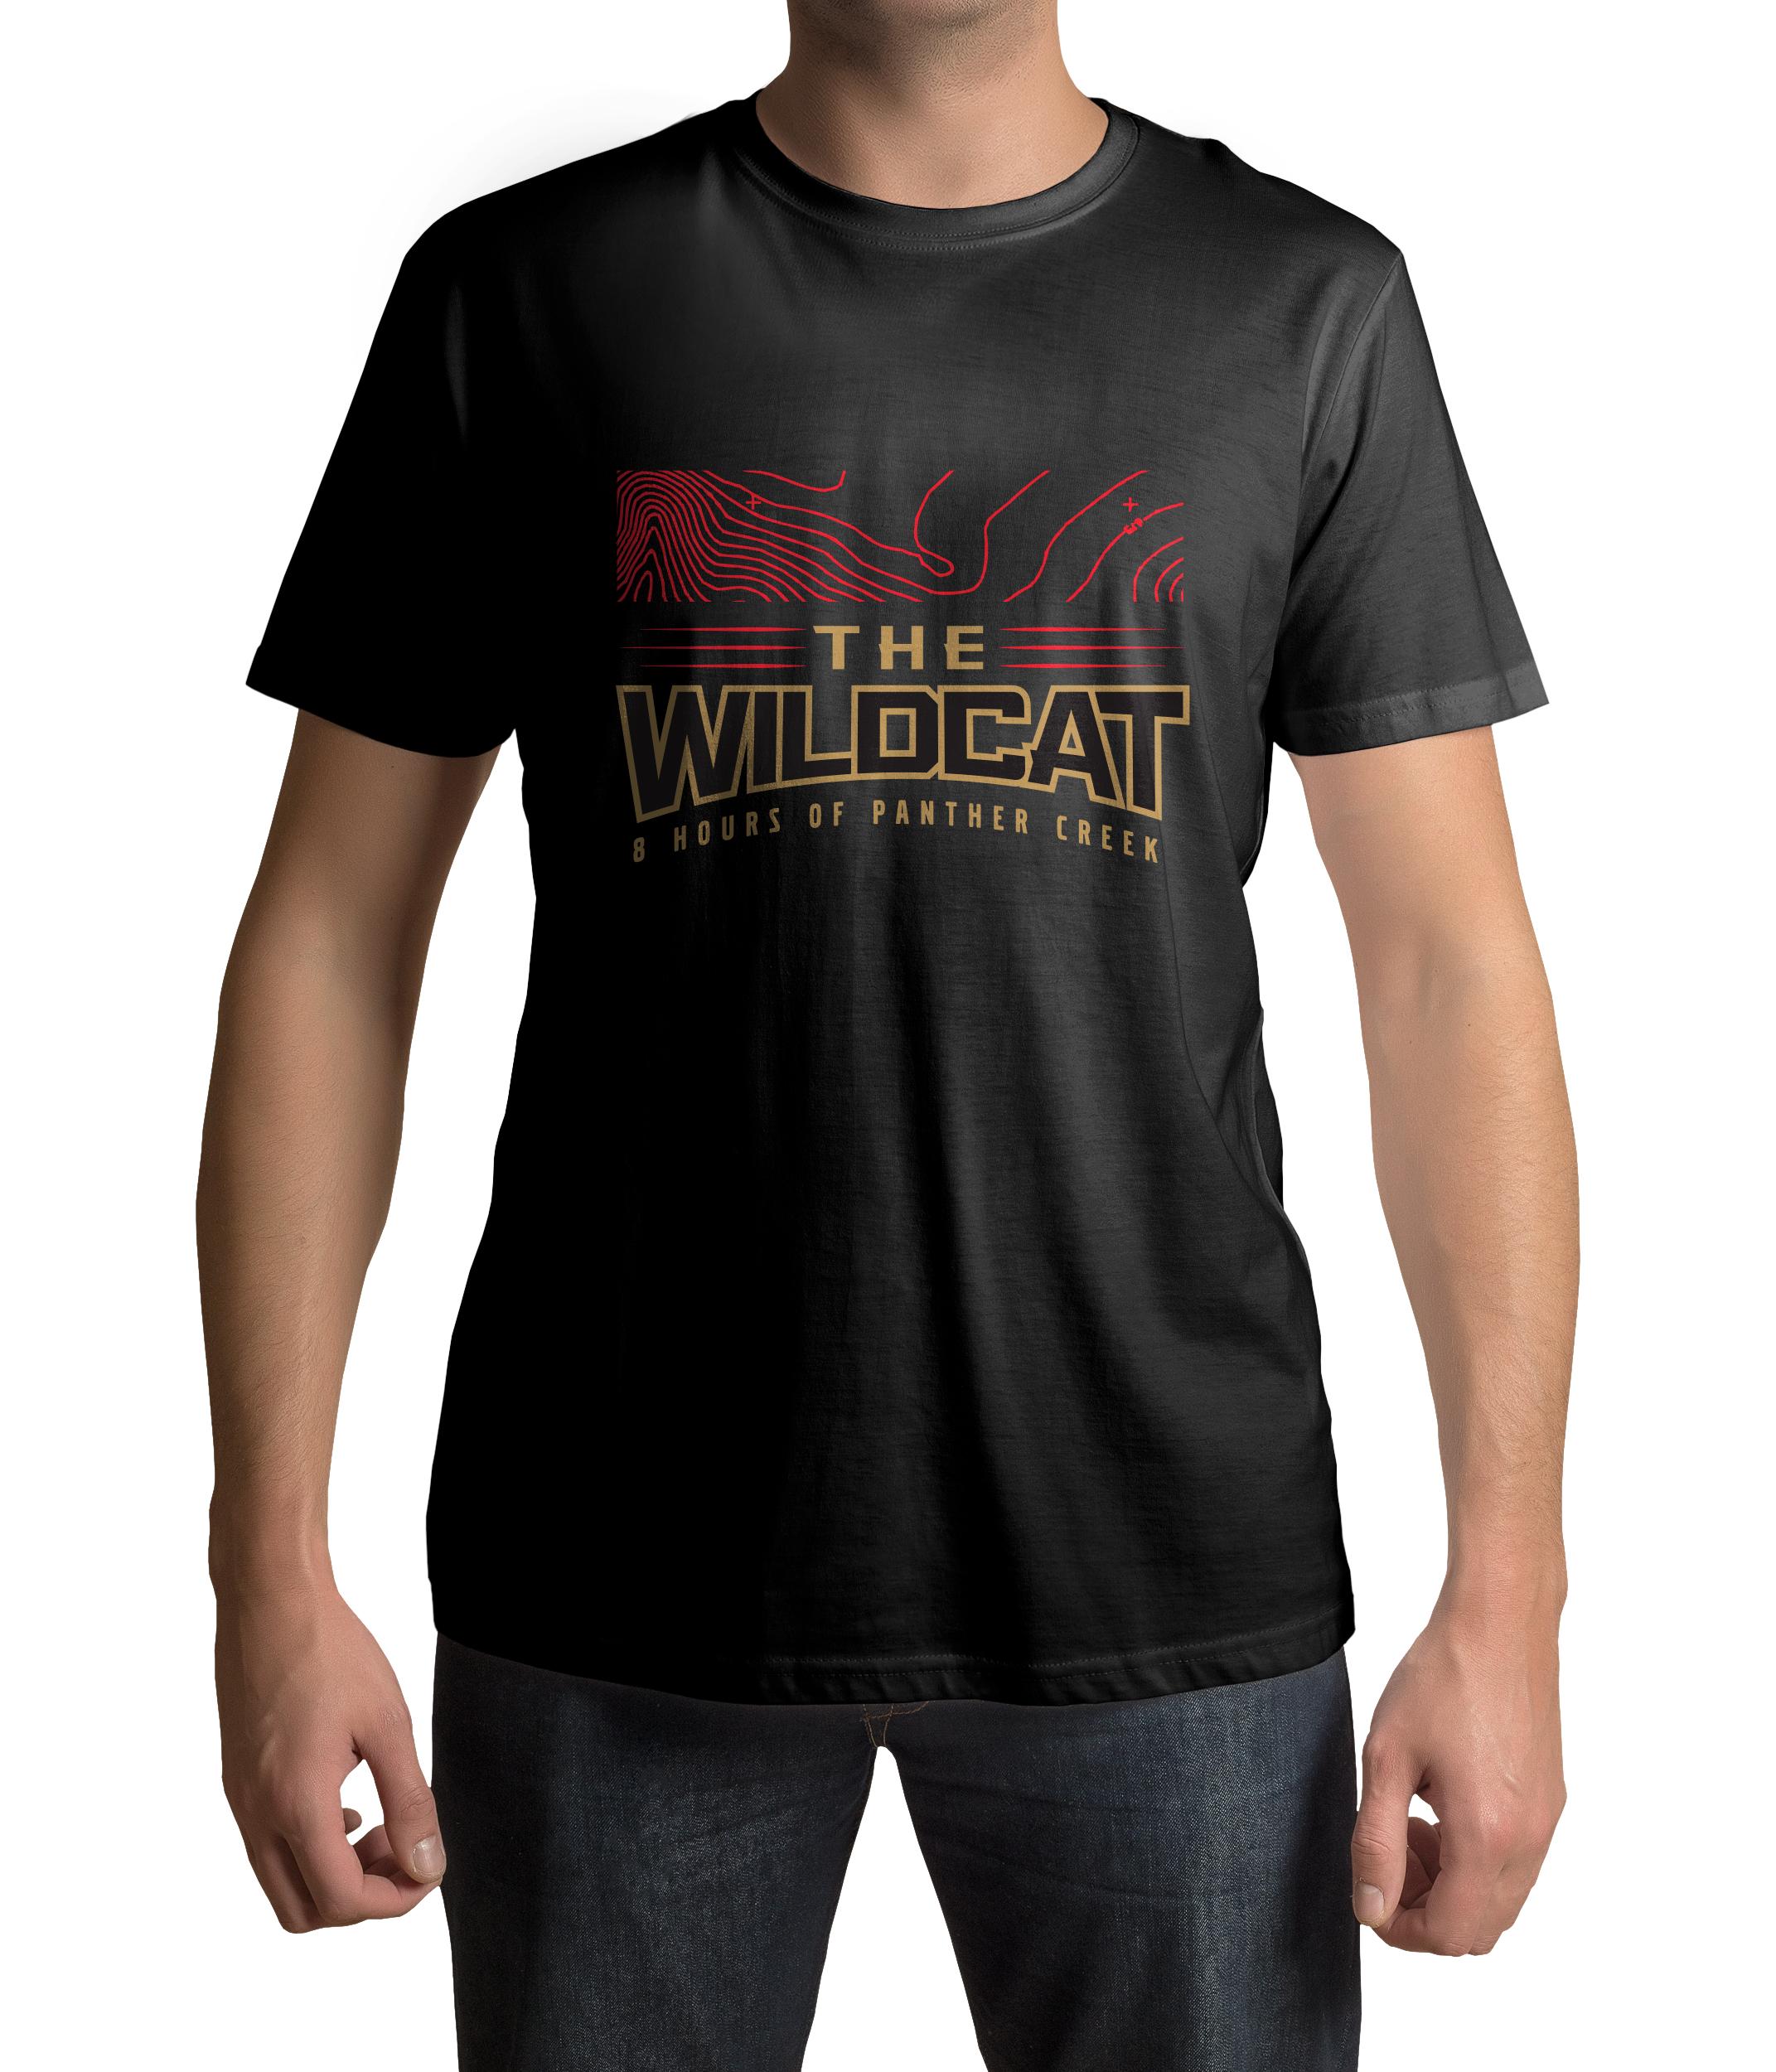 Wildcat-shirt.jpg